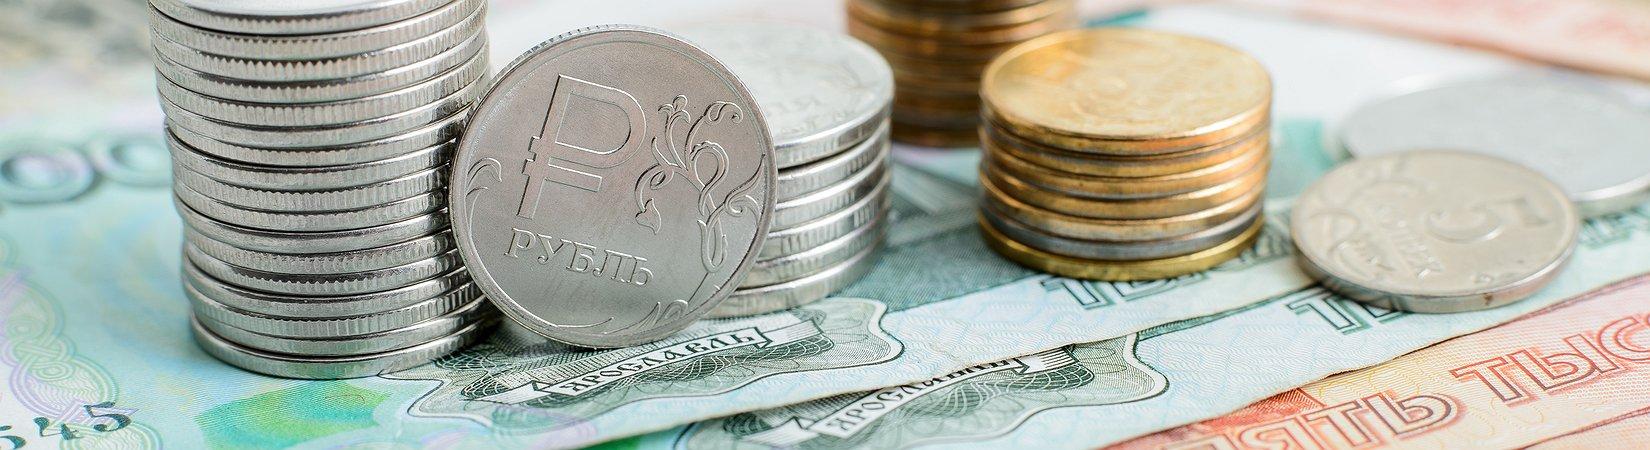 Почему падает рубль: 3 главных причины